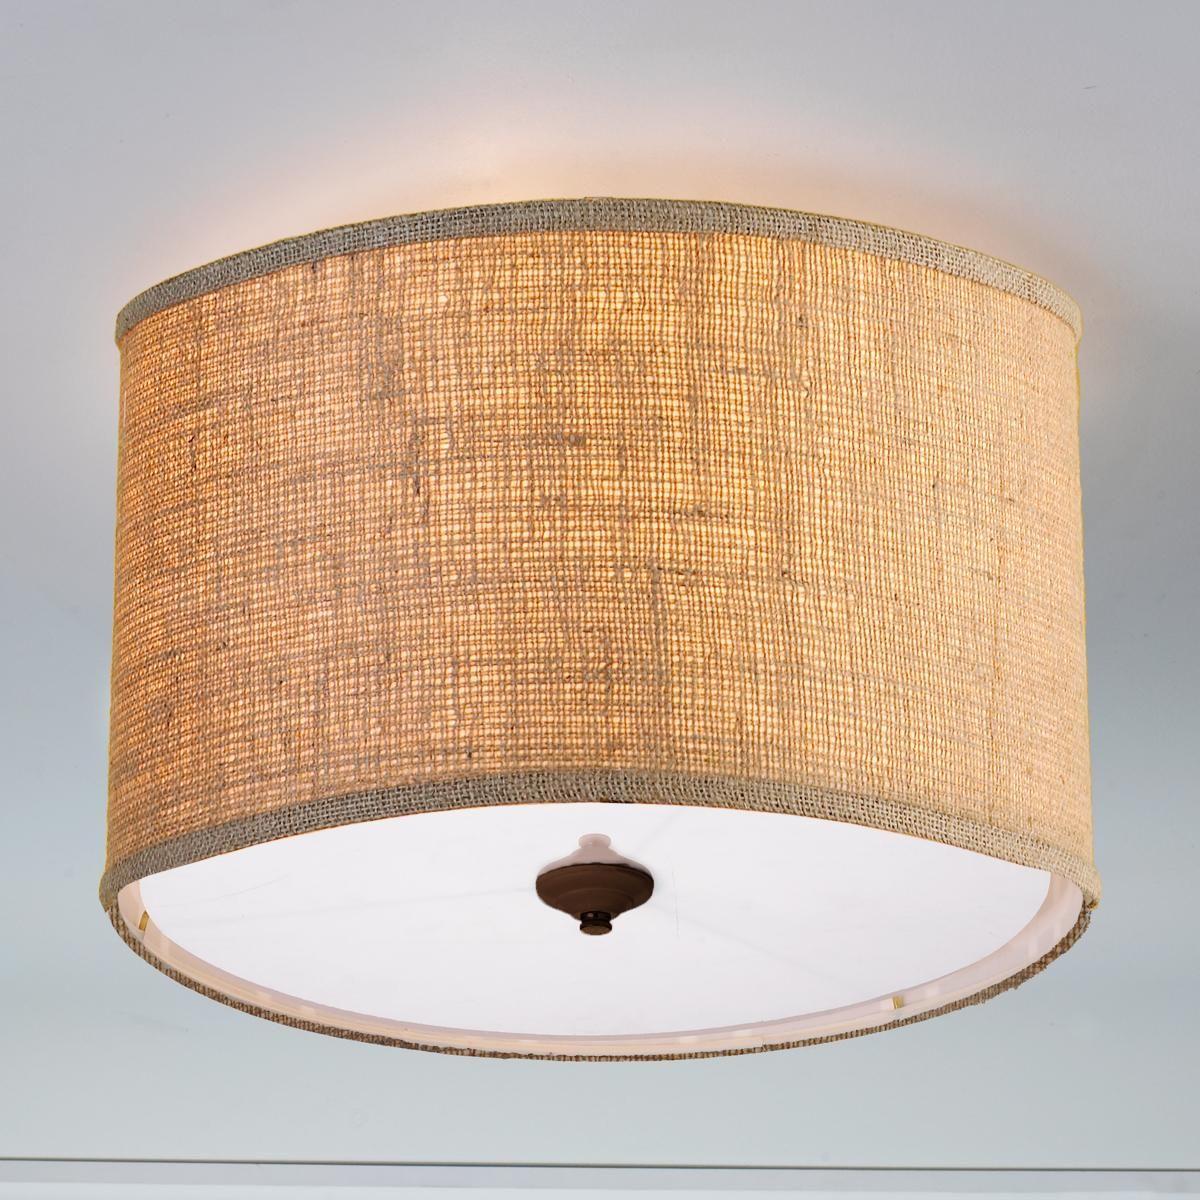 Burlap Drum Shade Ceiling Light Drum Shade Ceiling Lights